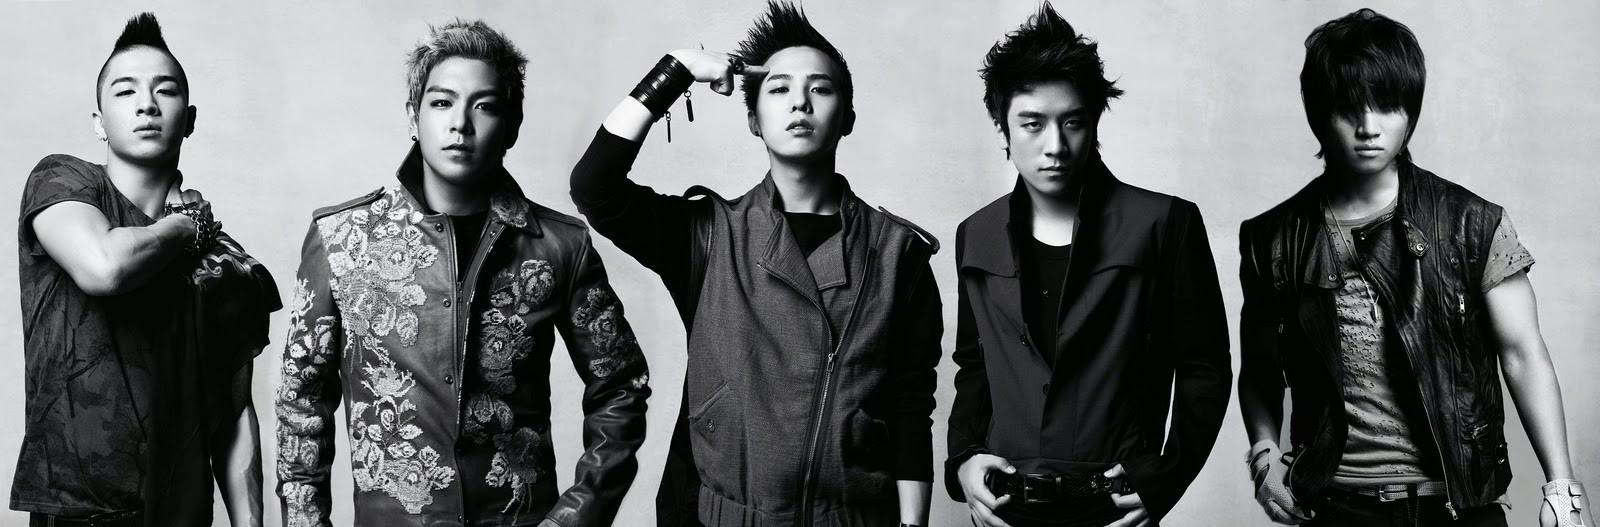 G-Dragon - Kẻ tiên phong thừa sức đối trọng với các nhóm nhạc tầm cỡ của Kpop - Ảnh 1.